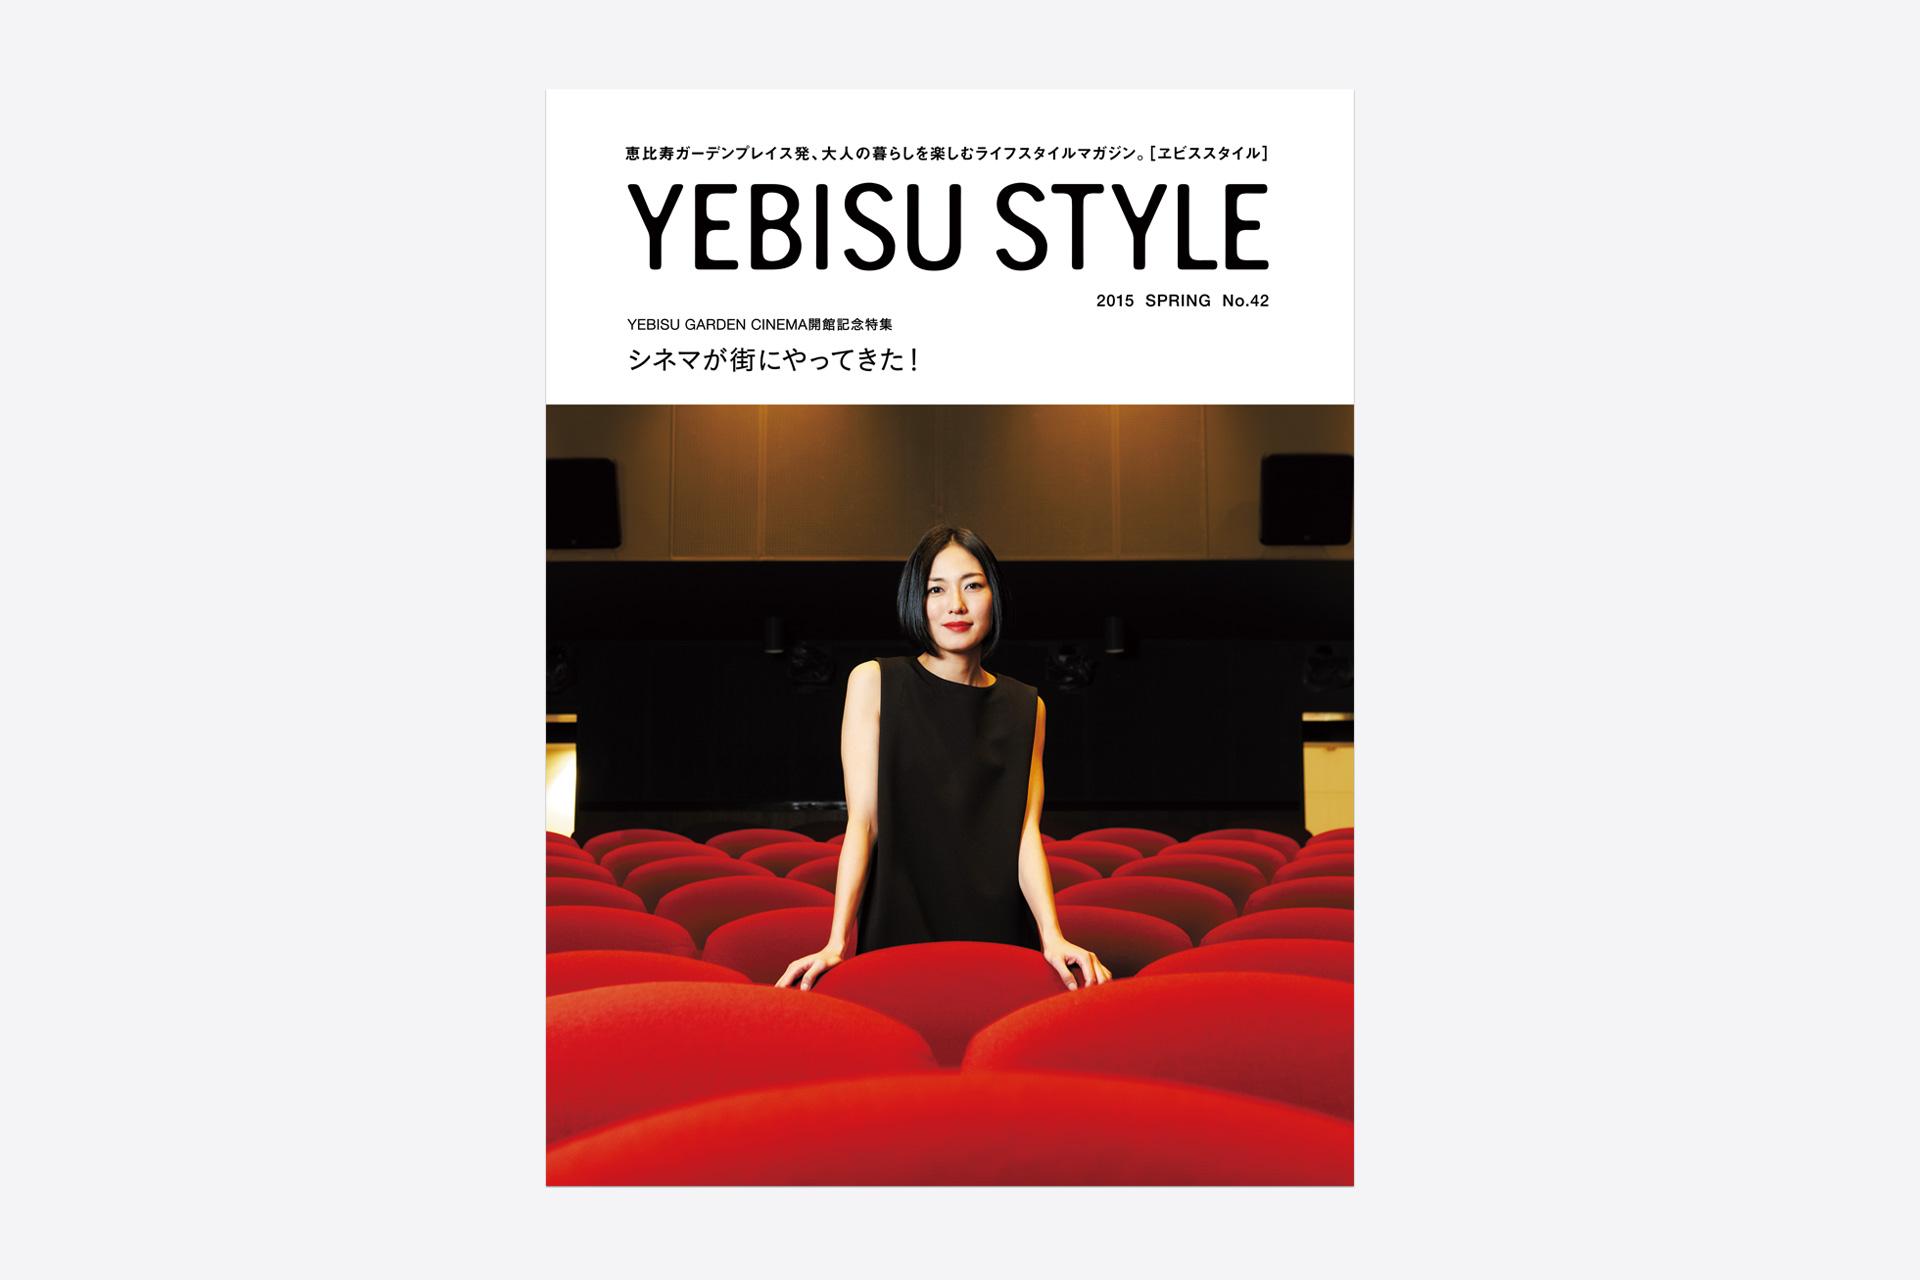 YEBISU STYLE vol.42